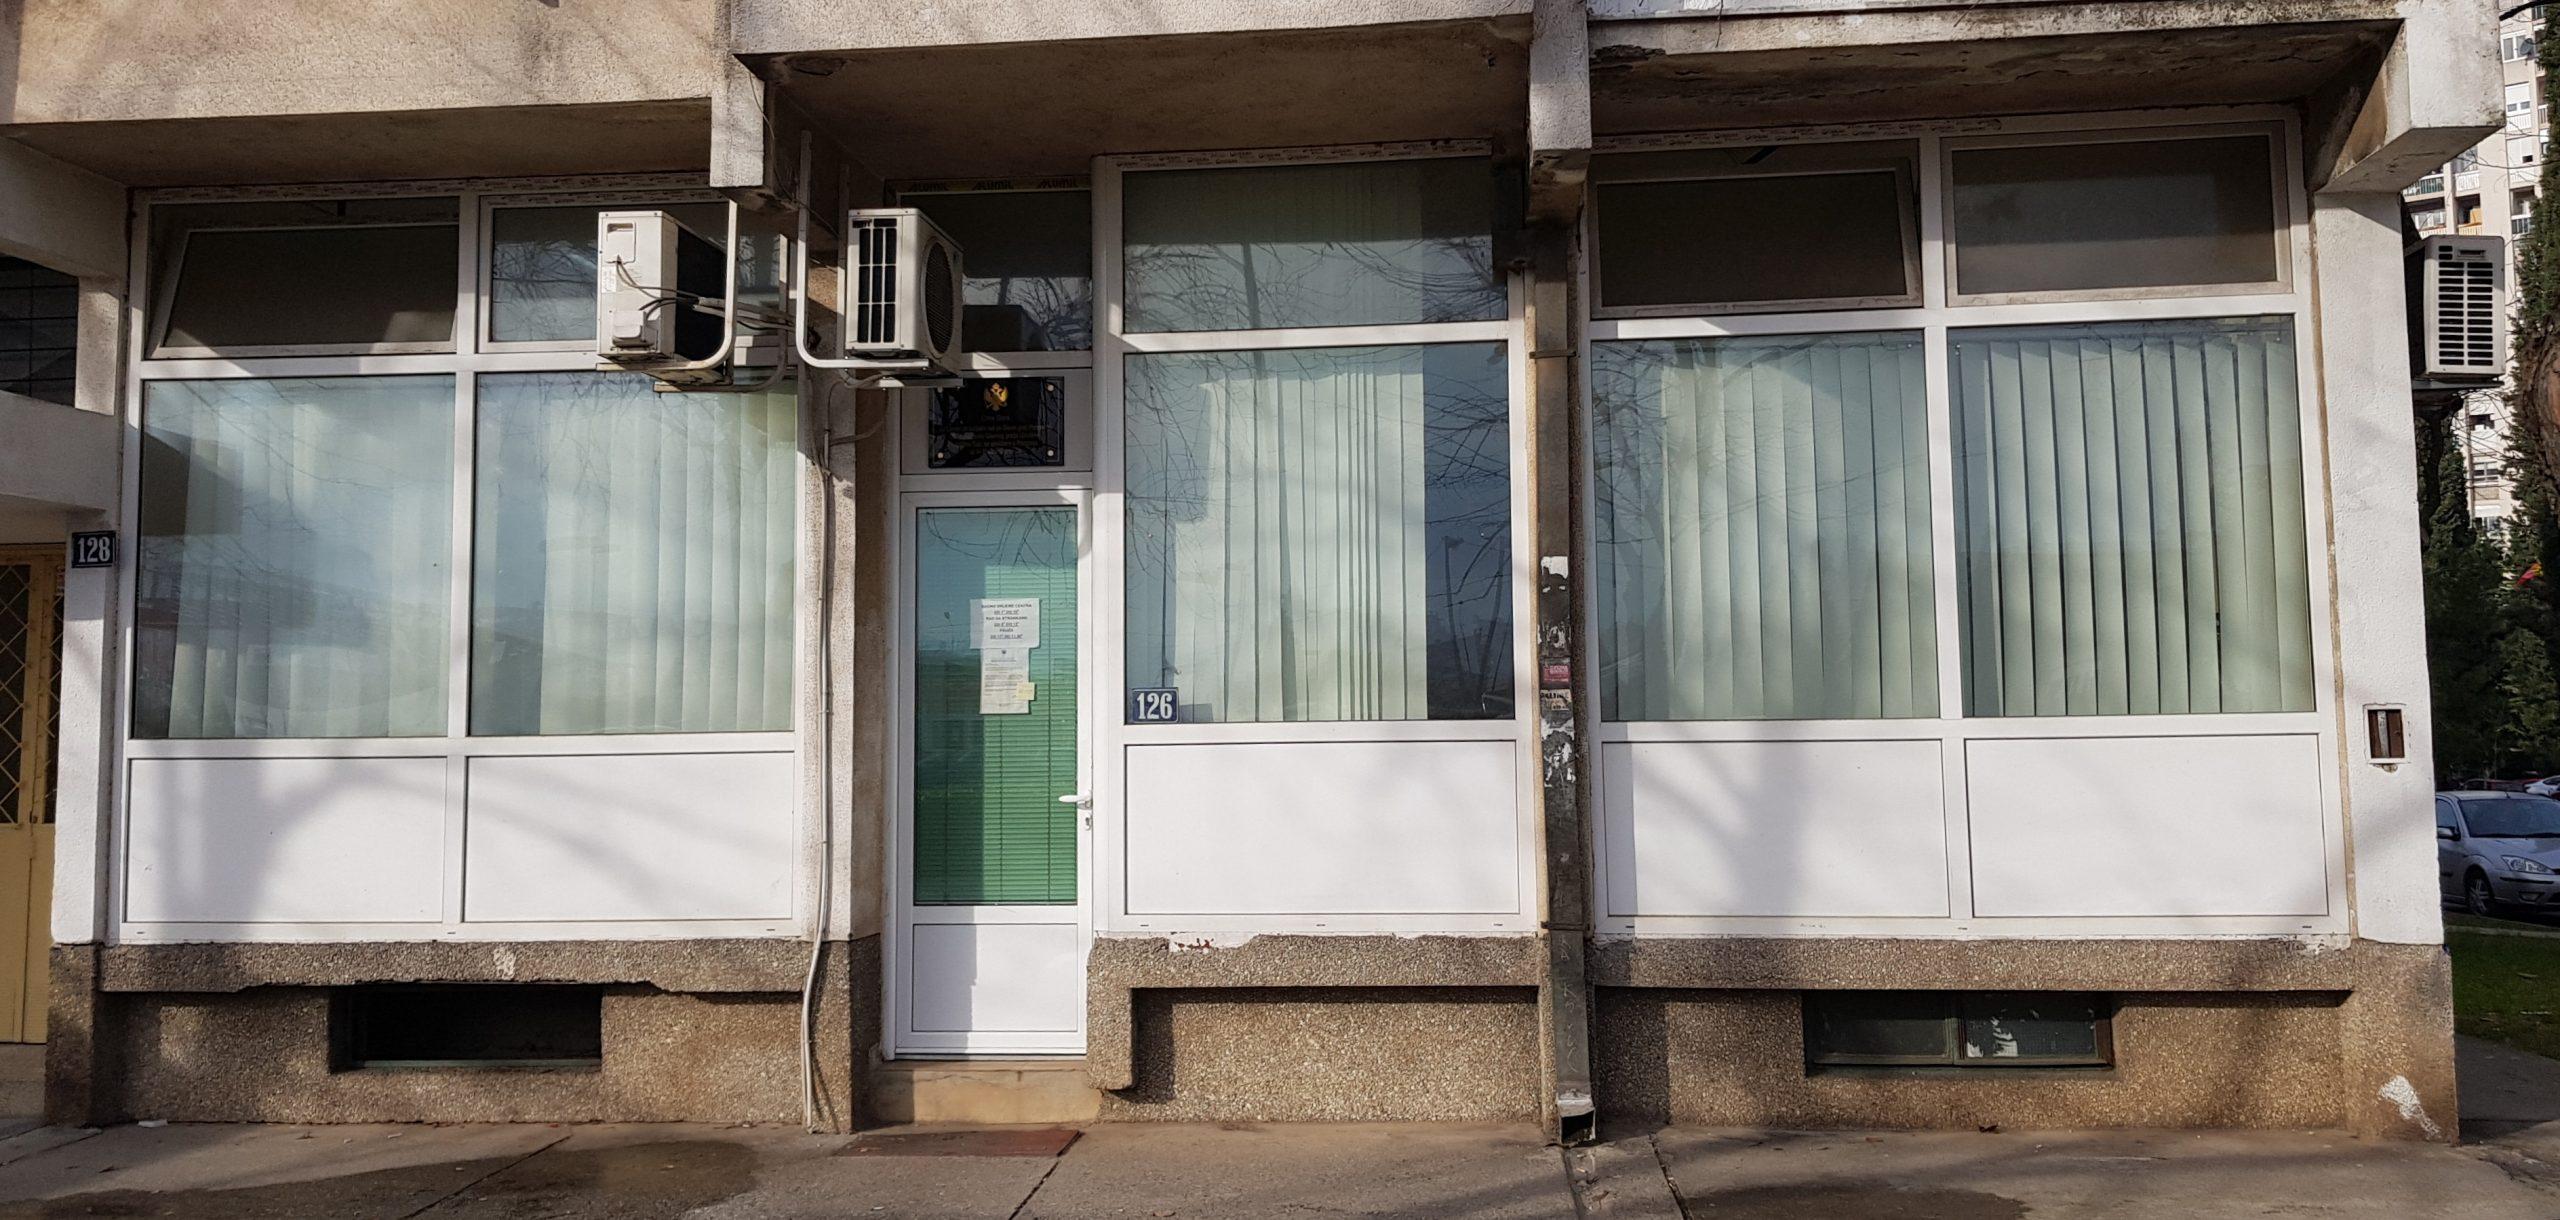 Centar za socijalni rad – odjeljenje za novorođenčad (Foto: Enis Eminović)